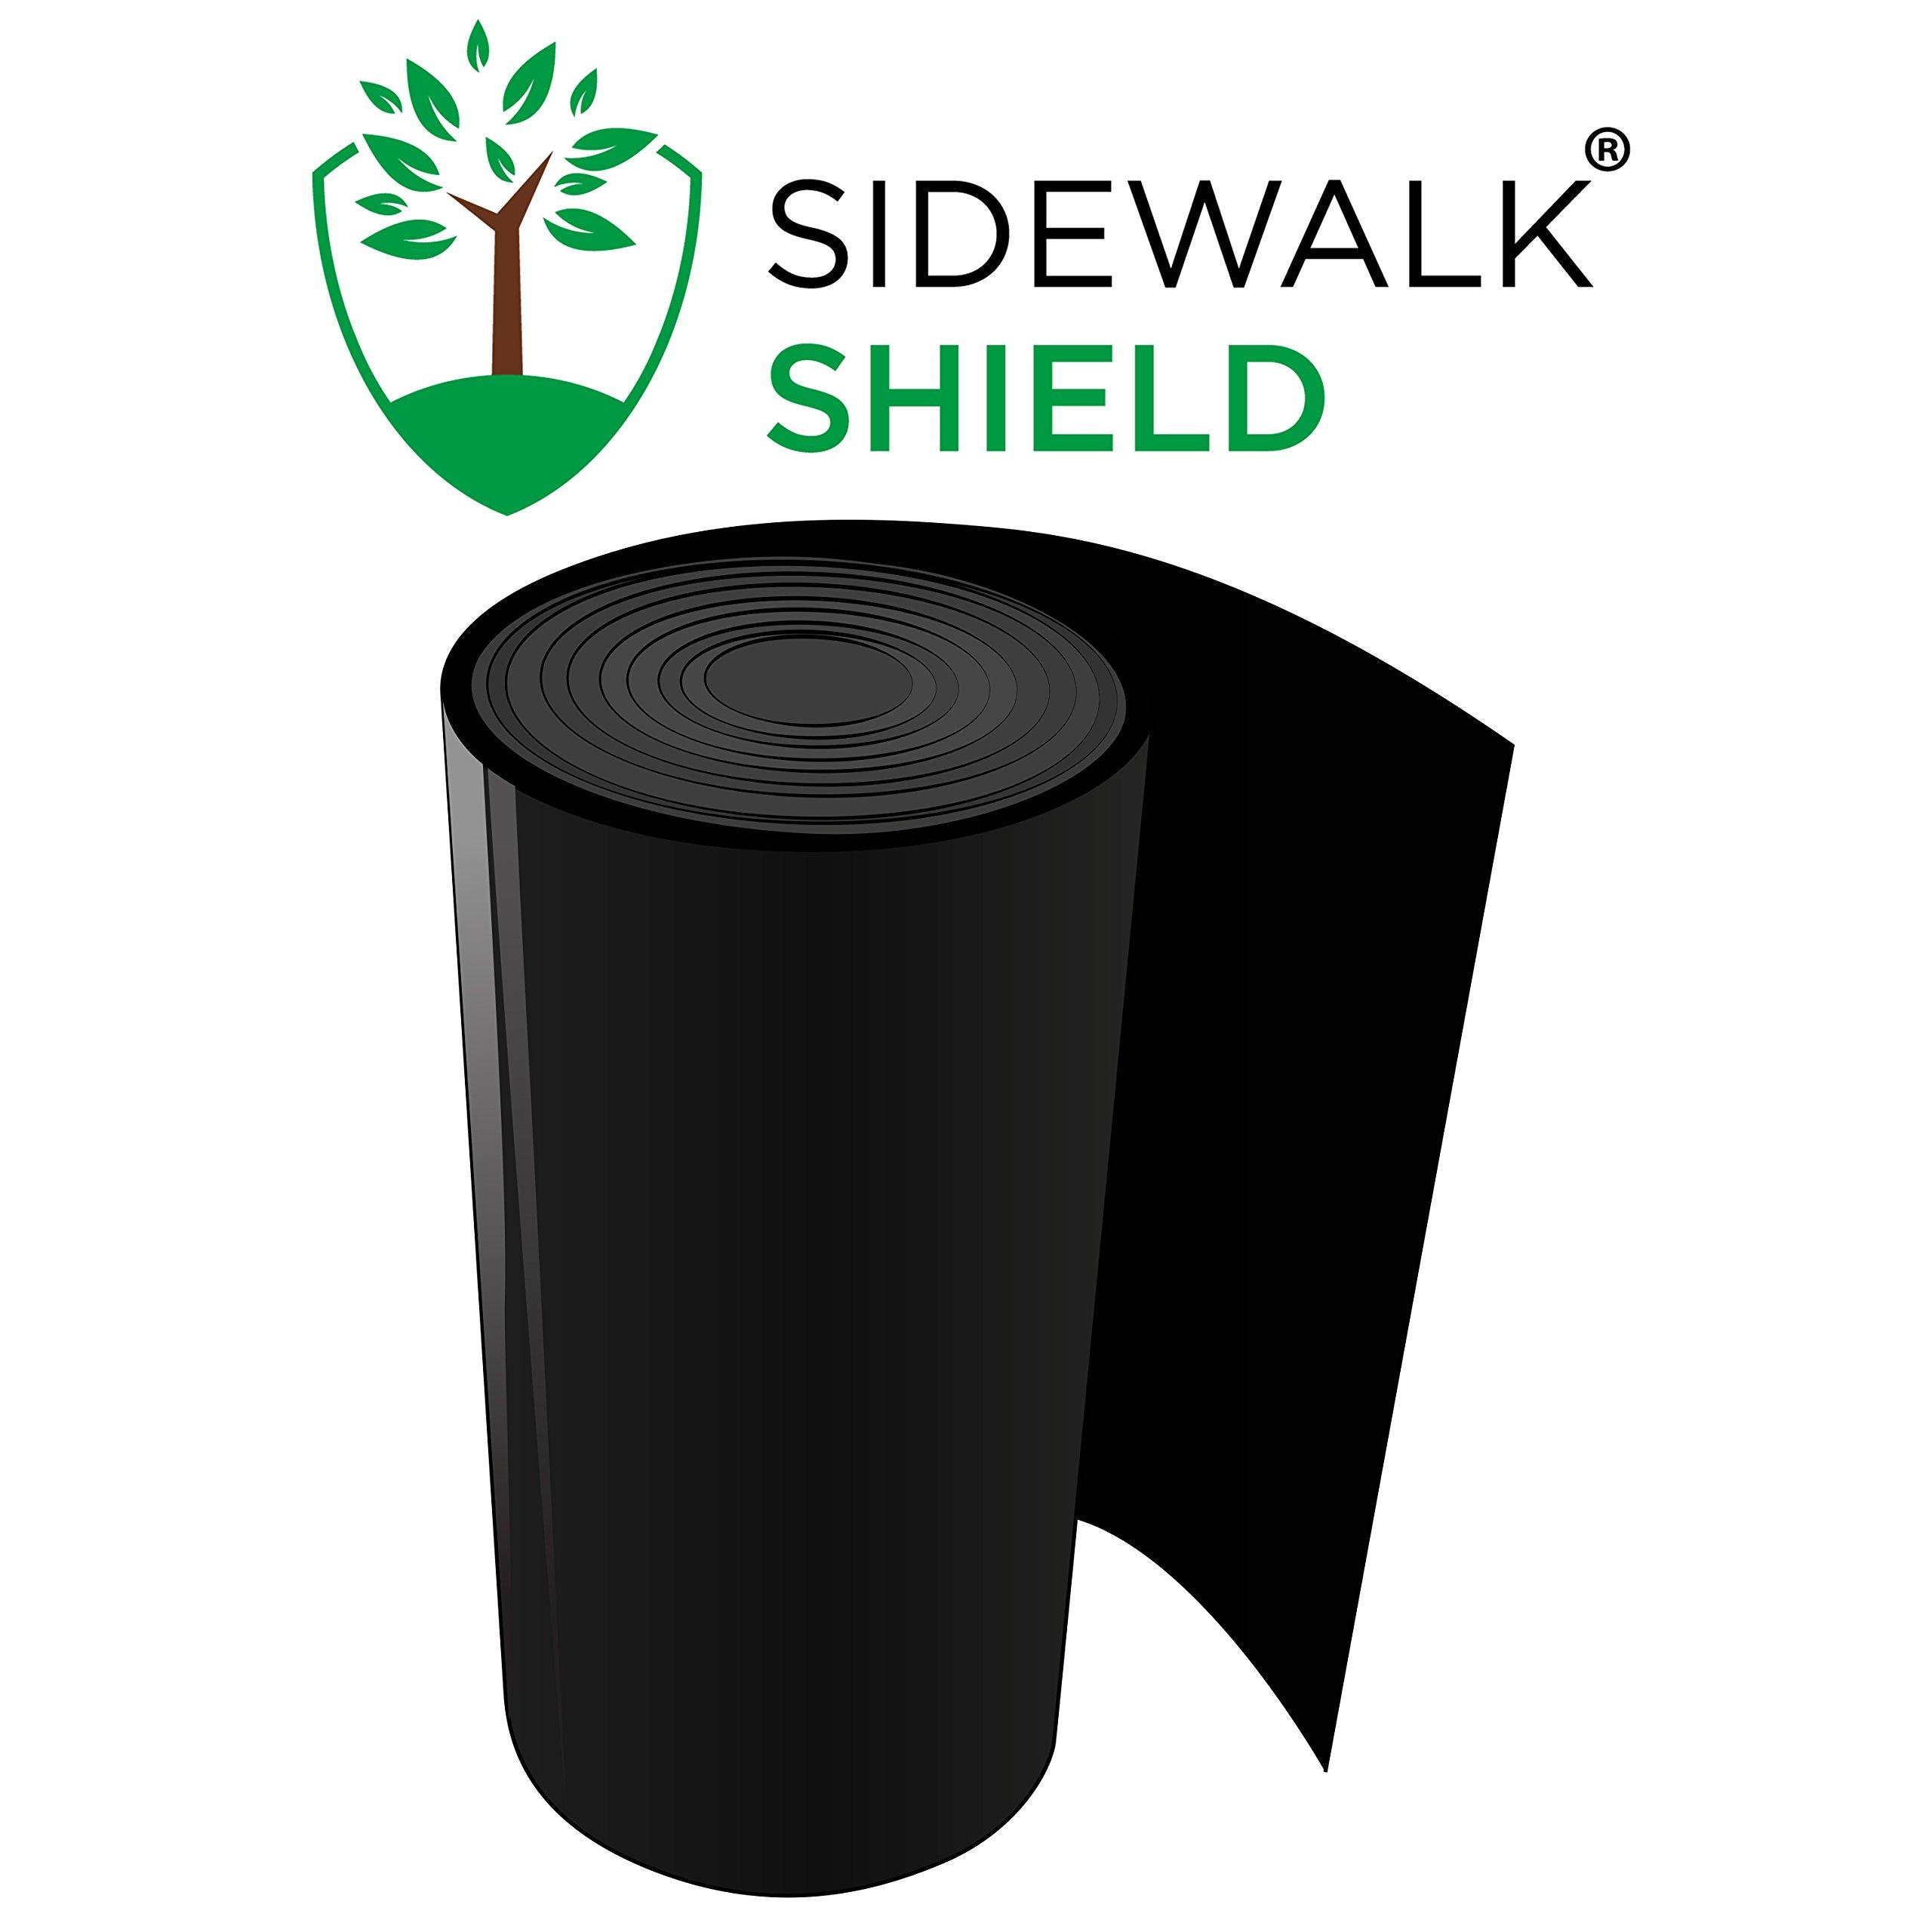 Sidewalk Shield - Tree Root Control Barrier (Standard Duty - 18 inch depth, 50 feet)